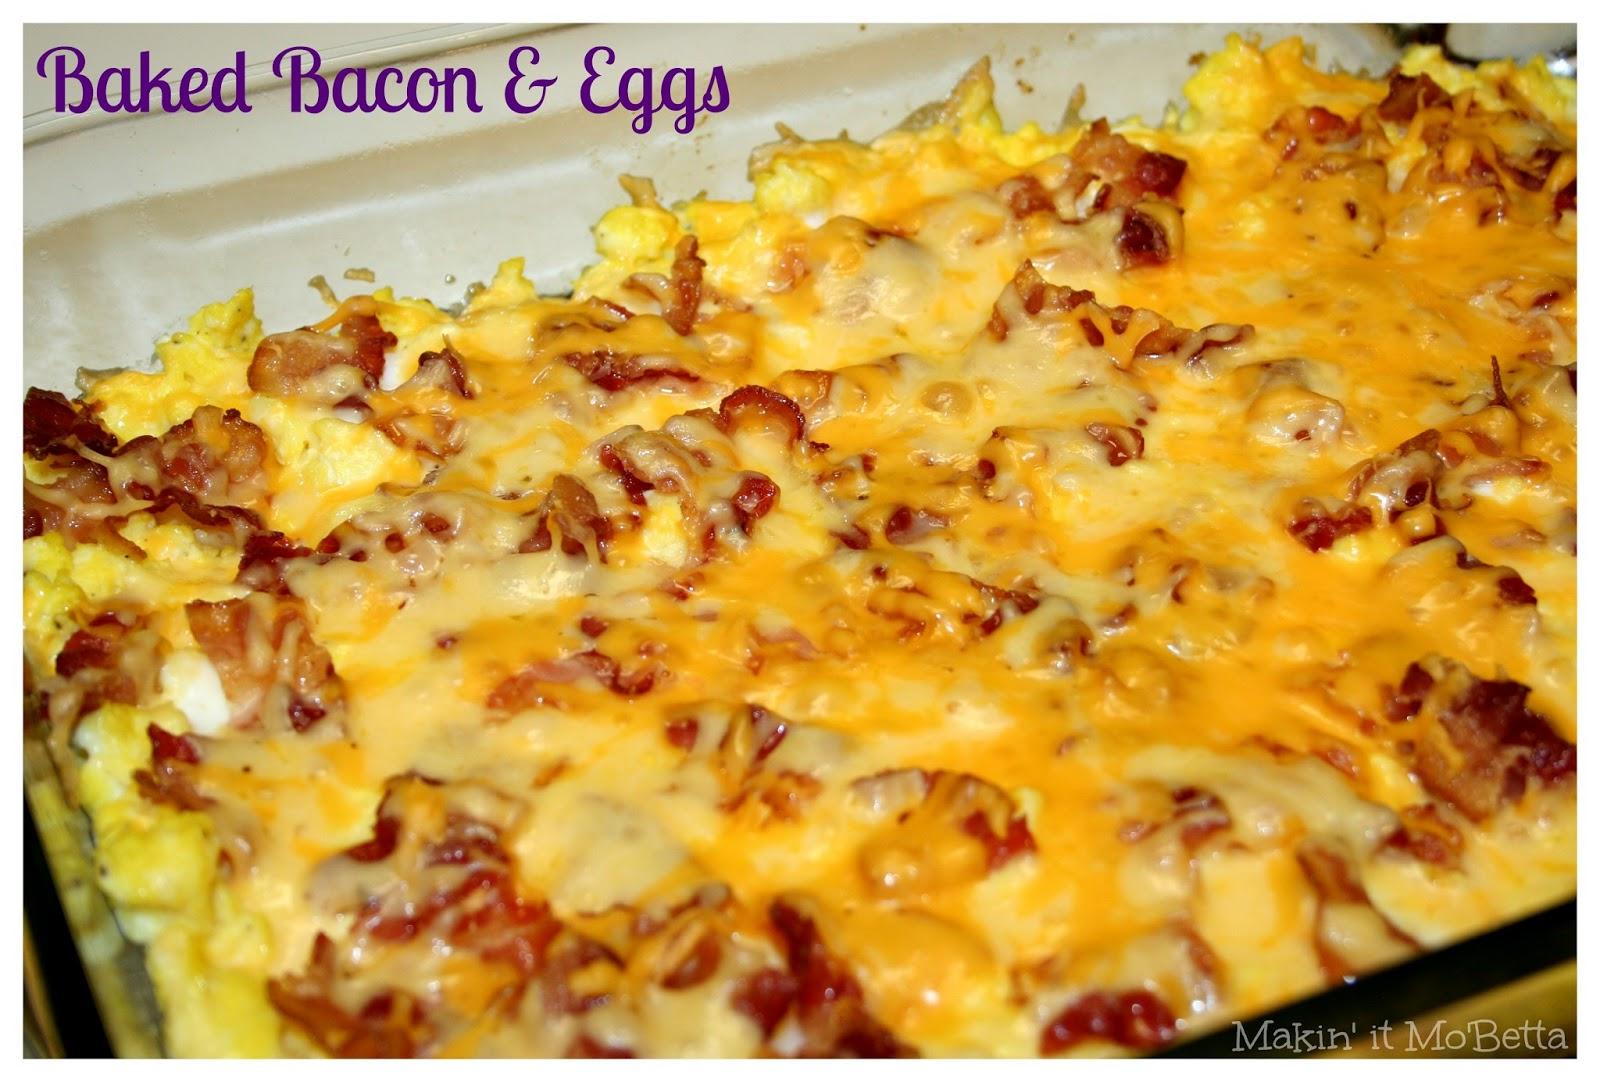 Baked Bacon & Eggs - Makin' it Mo'Betta